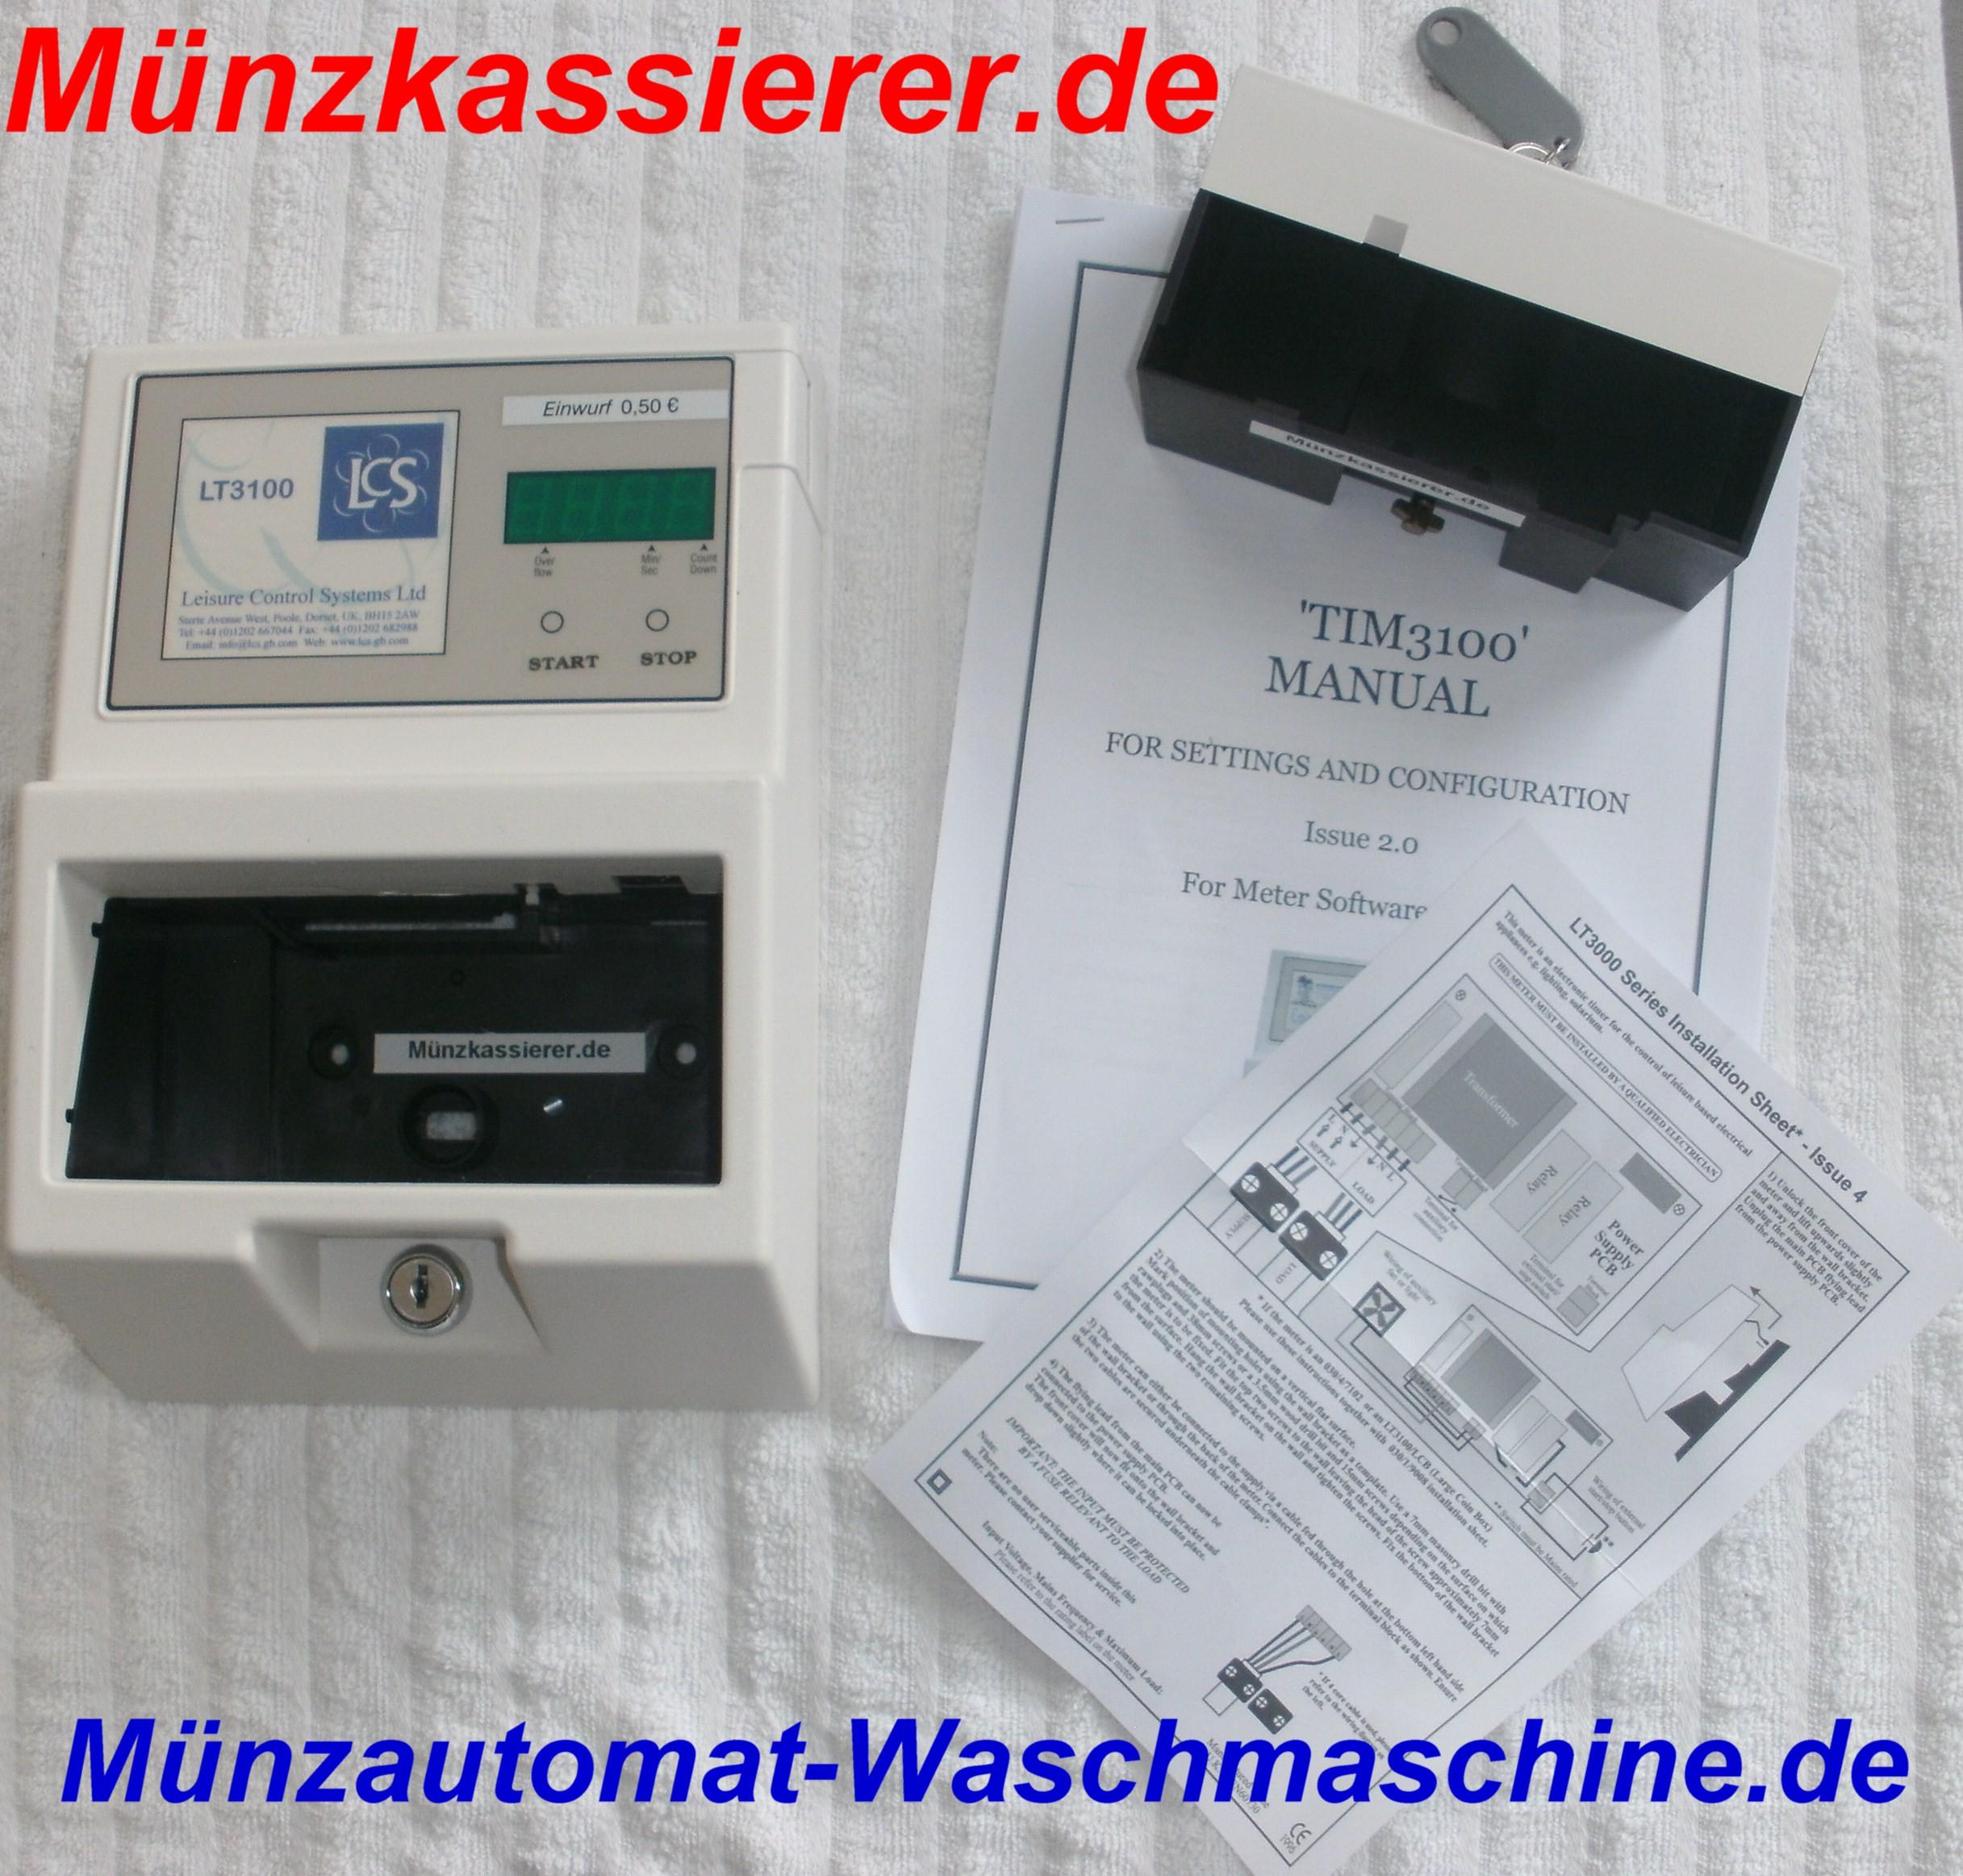 Münzautomat Waschmaschine Squash Solarium Münzkassierer